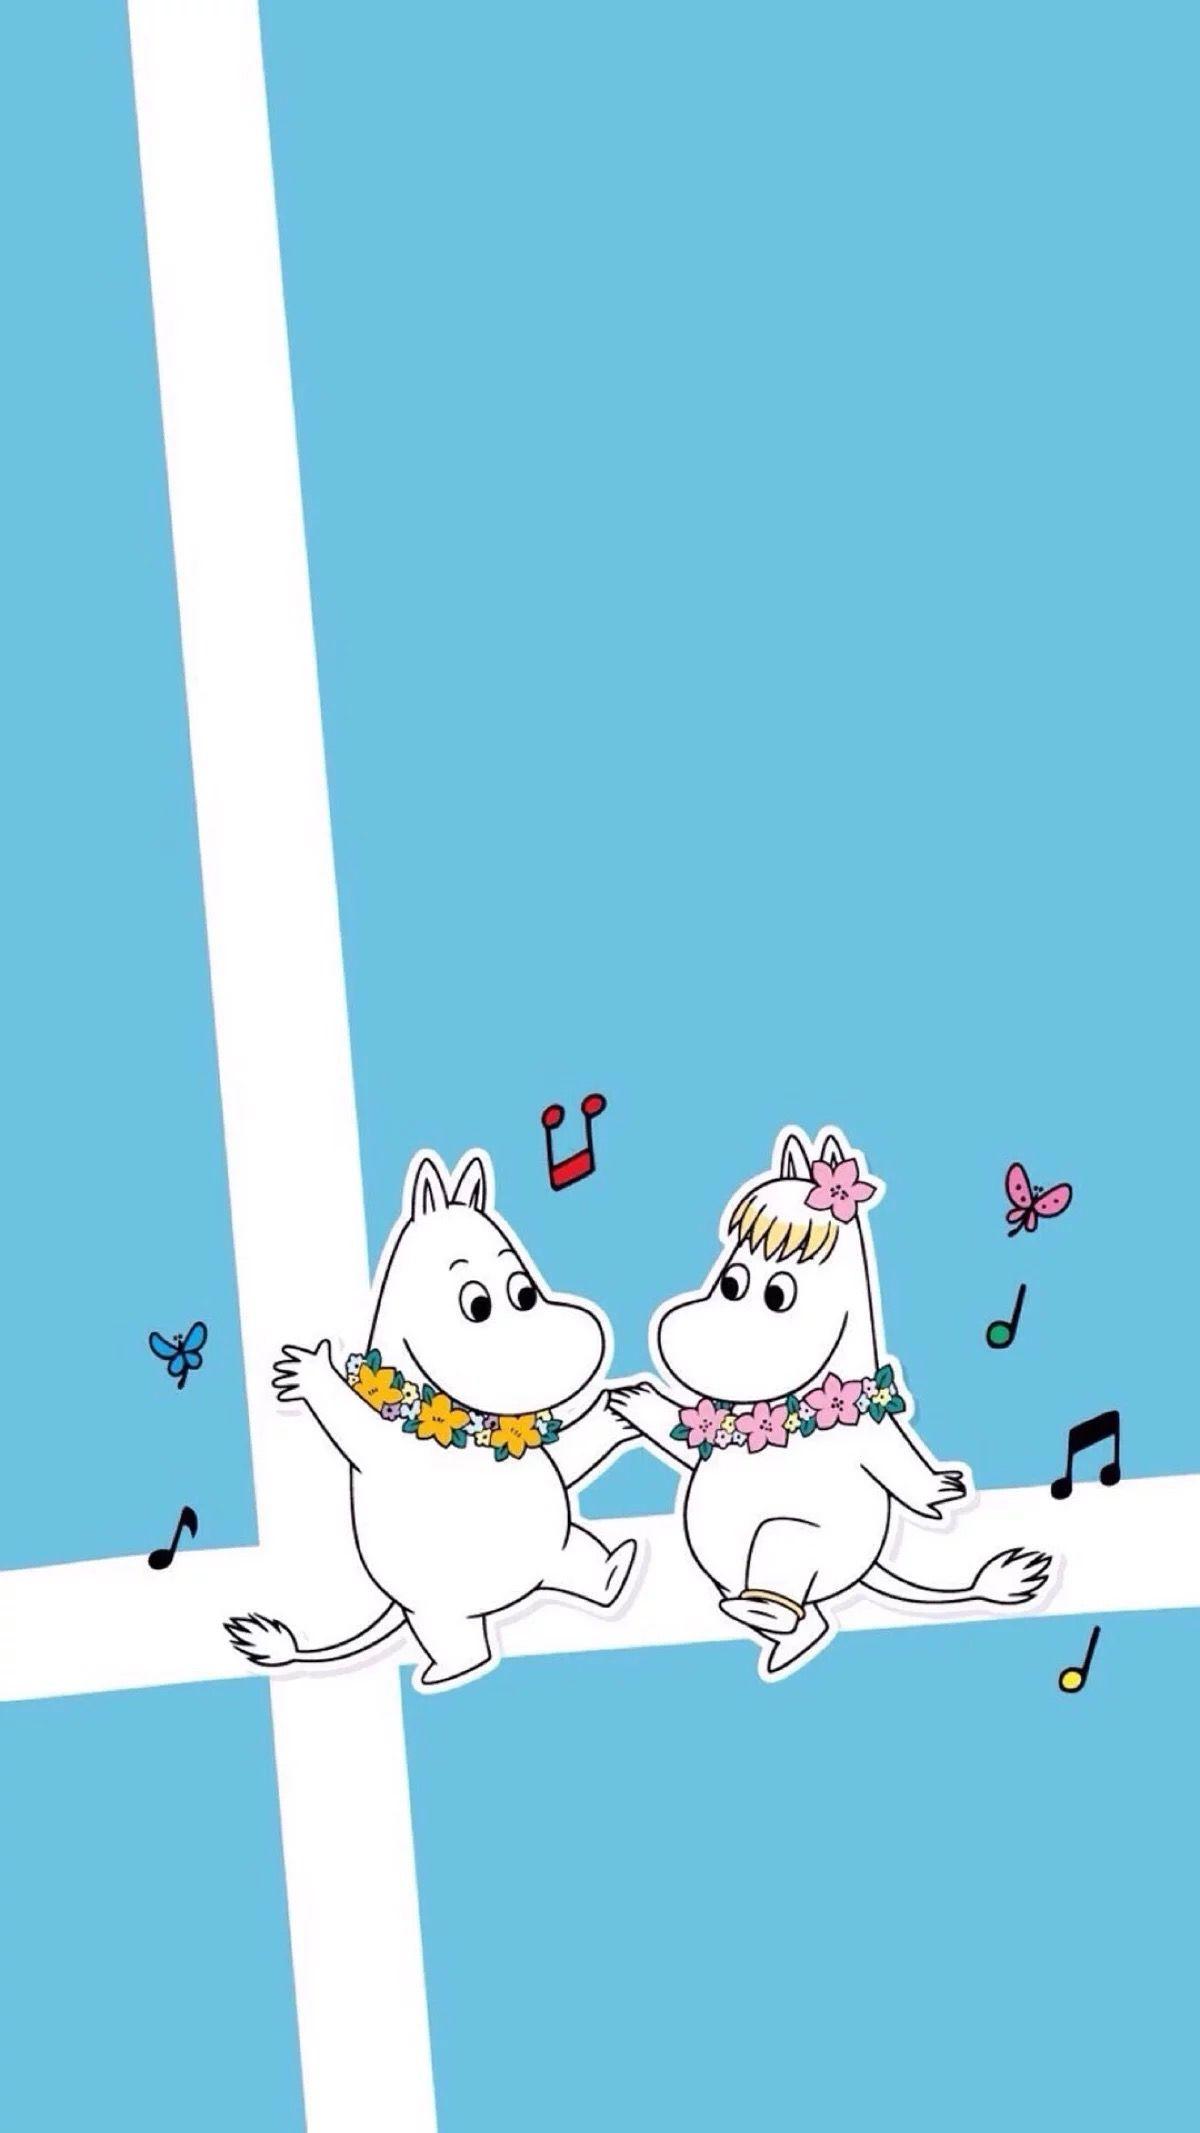 Moomin Wallpaper おしゃれまとめの人気アイデア Pinterest Peepipo Kiss ムーミン 壁紙 ムーミン イラスト トーベ ヤンソン